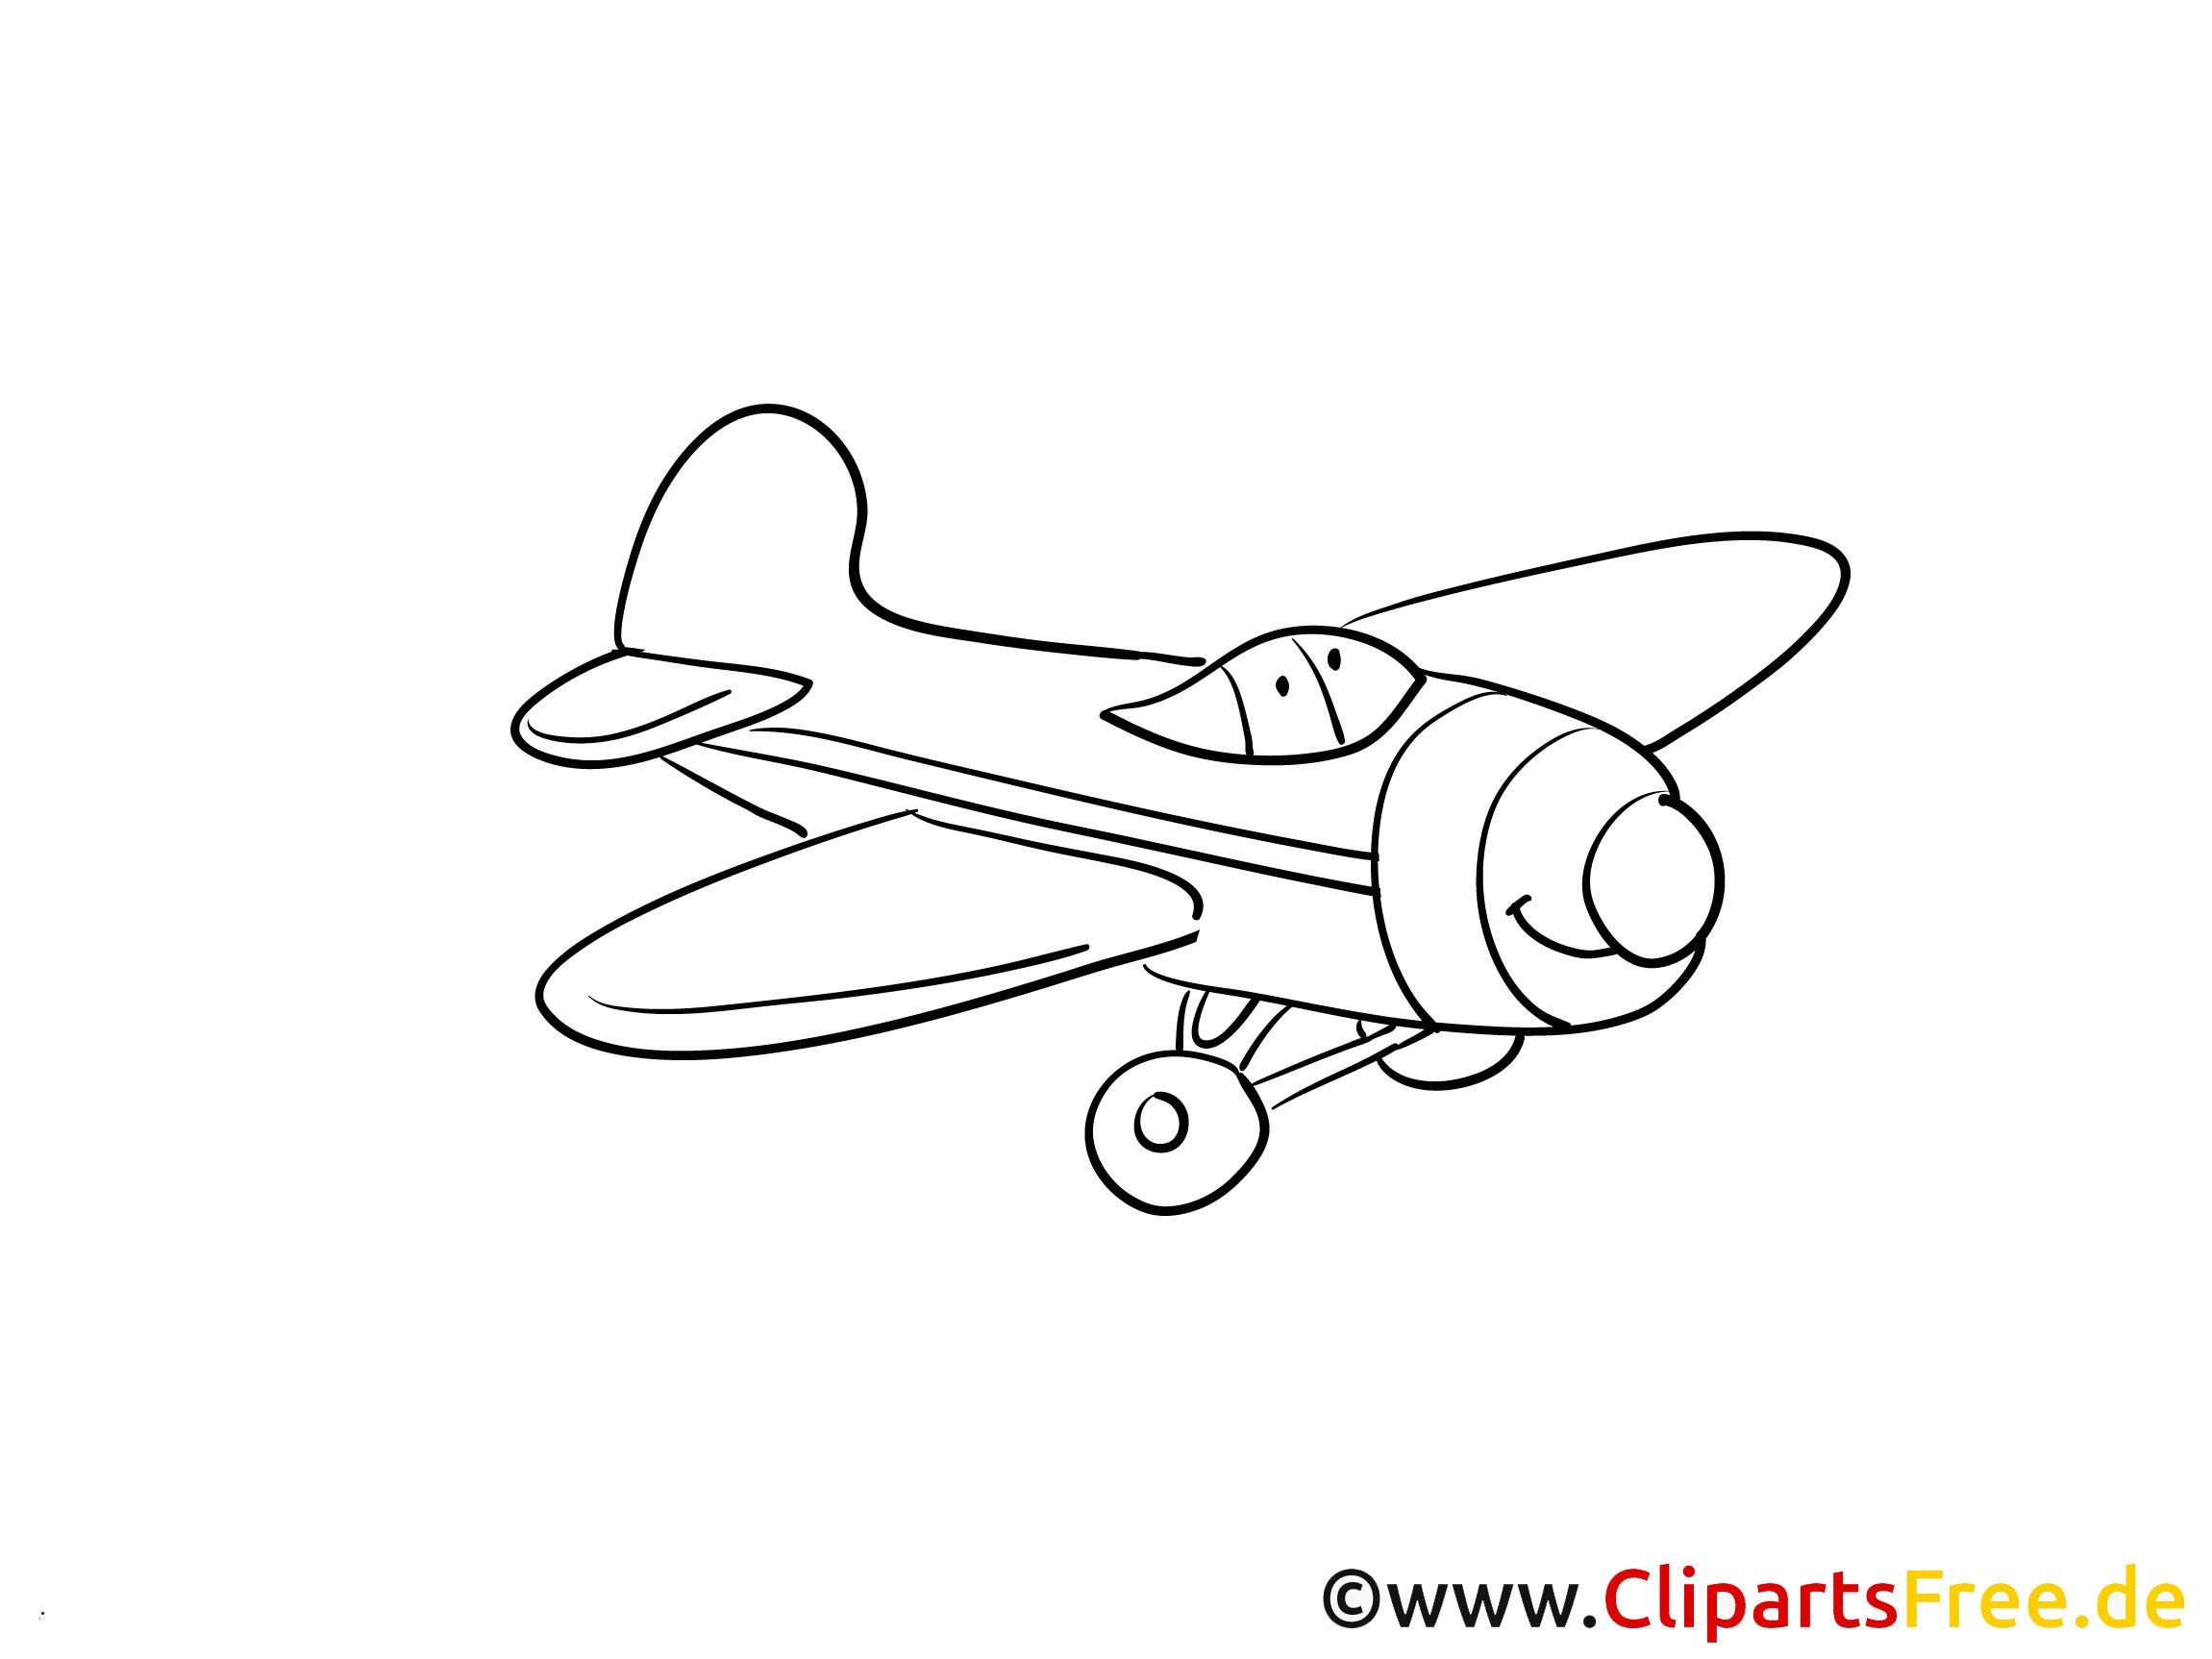 Flugzeuge Zum Ausmalen Frisch 28 Genial Ausmalbilder Kostenlos Drucken Mickeycarrollmunchkin Sammlung